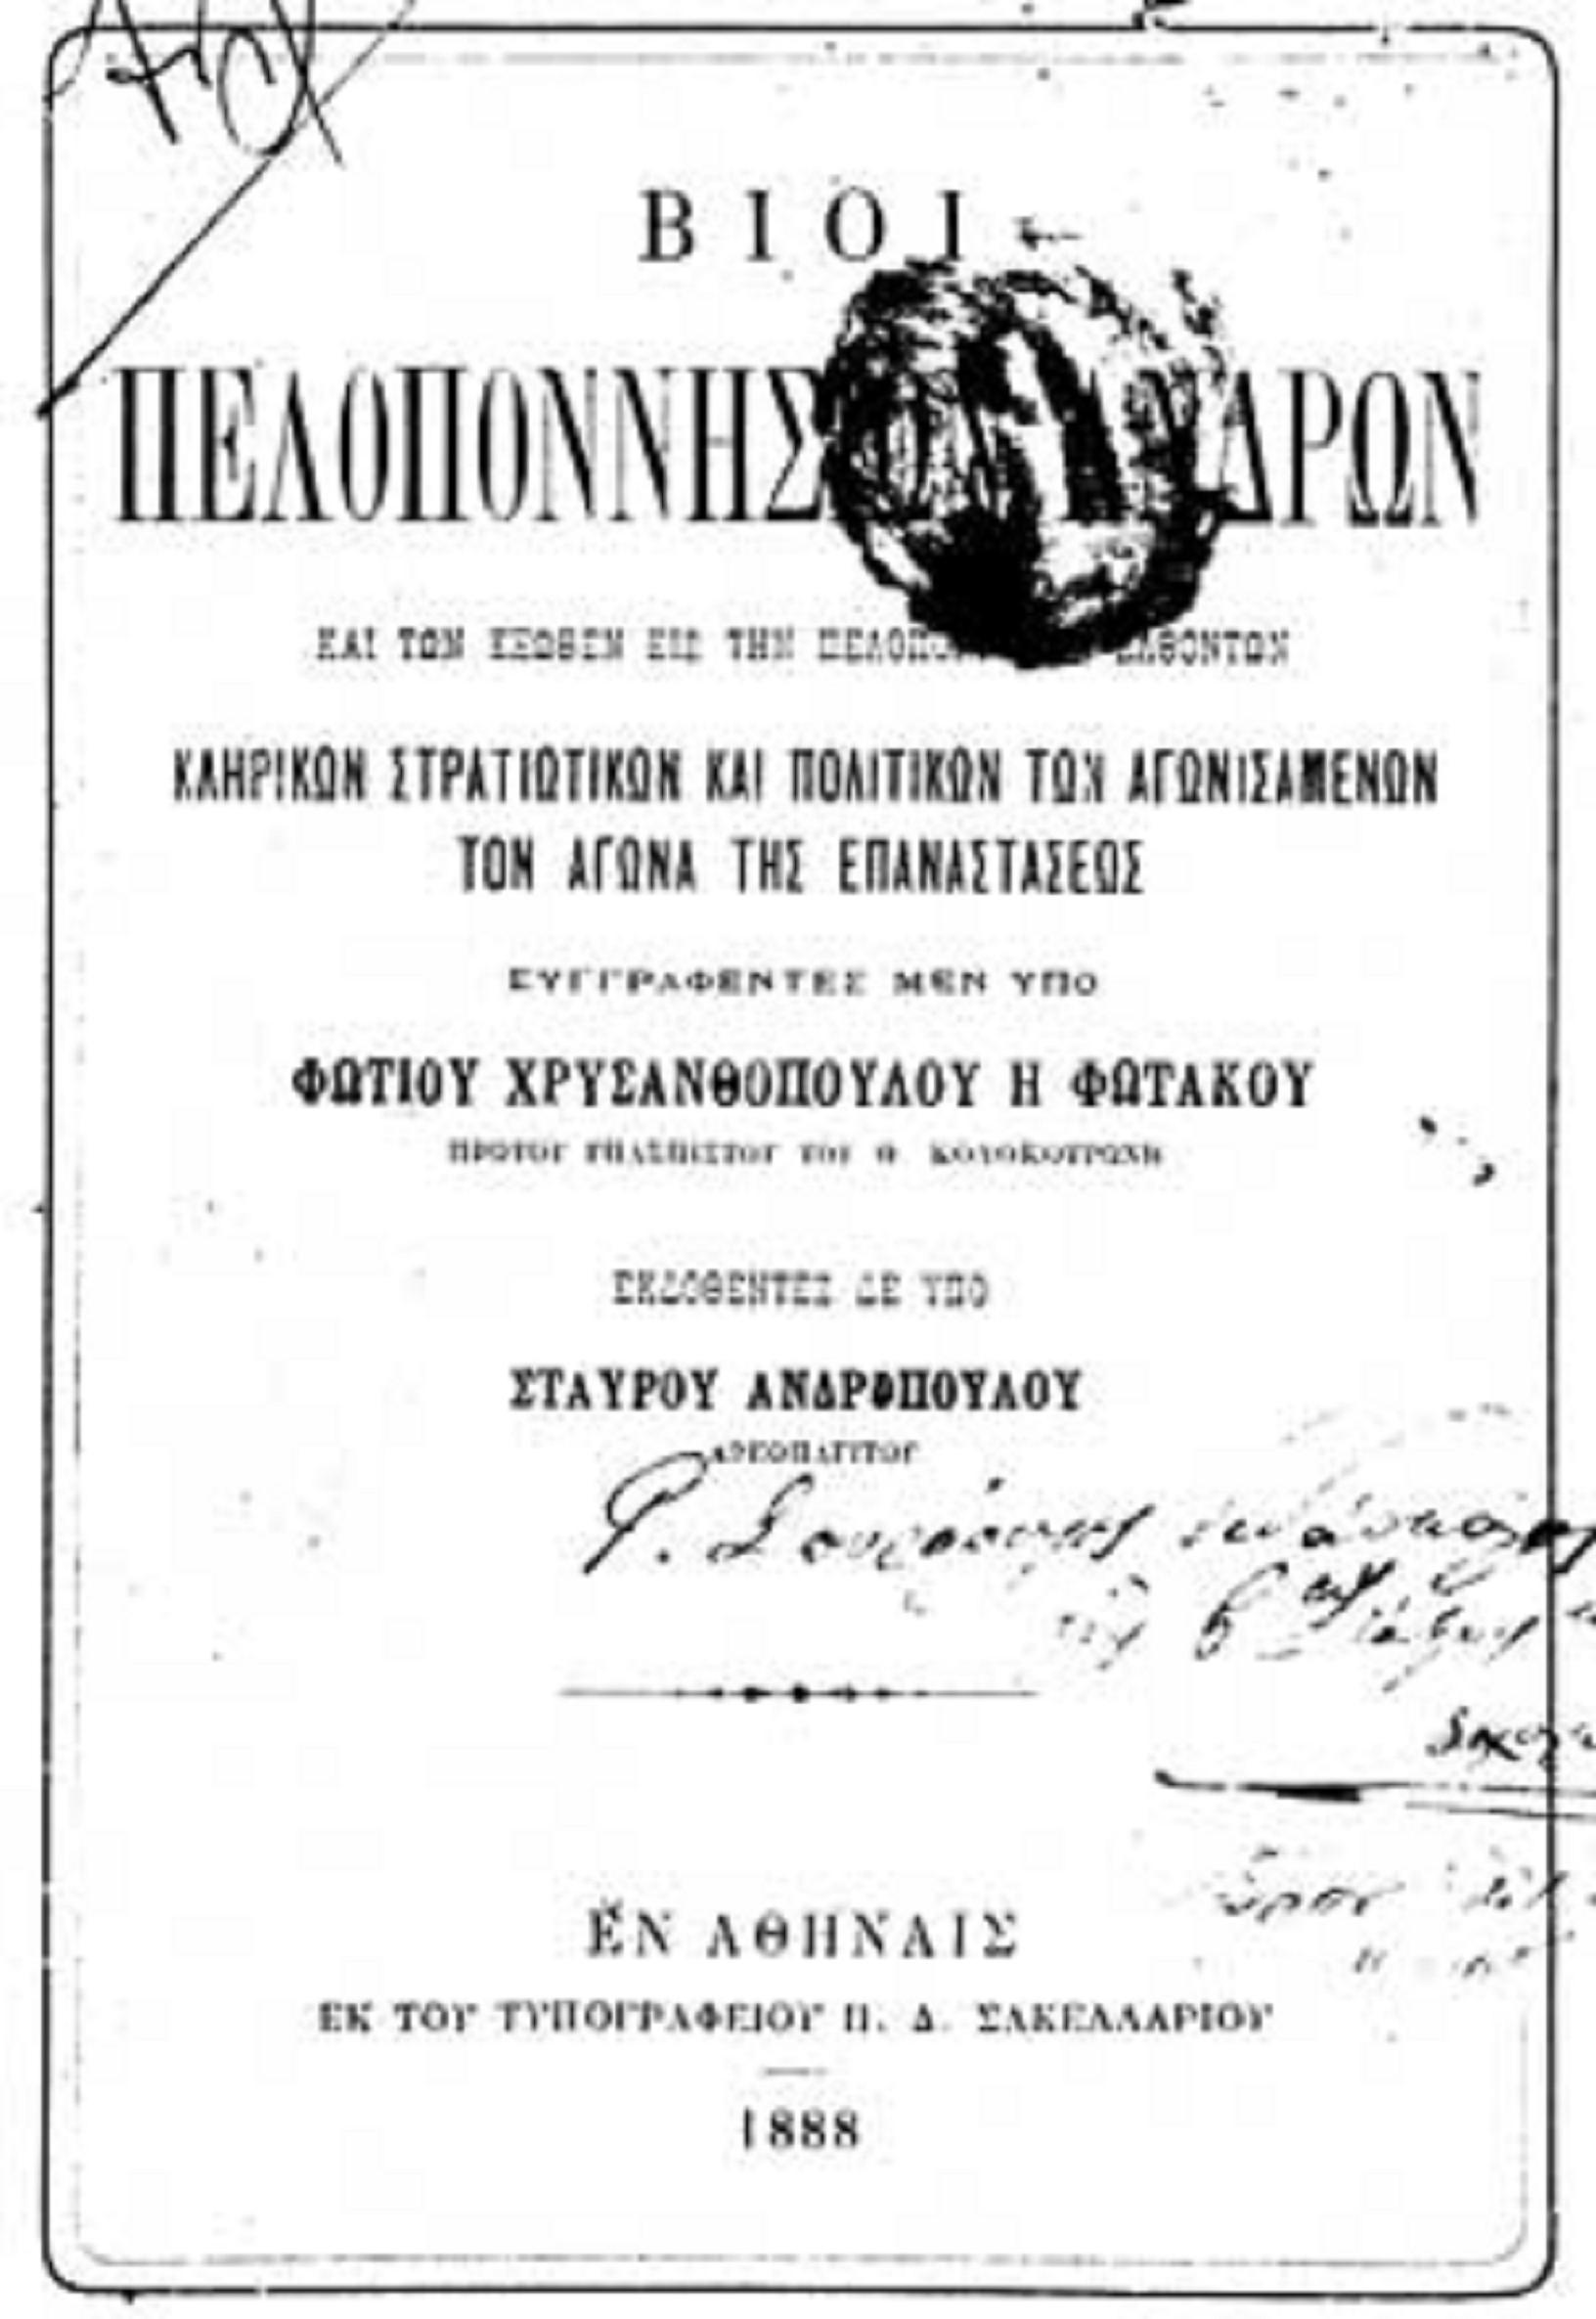 Φωττάκος ἤ Φώτιος Χρυσανθόπουλος.